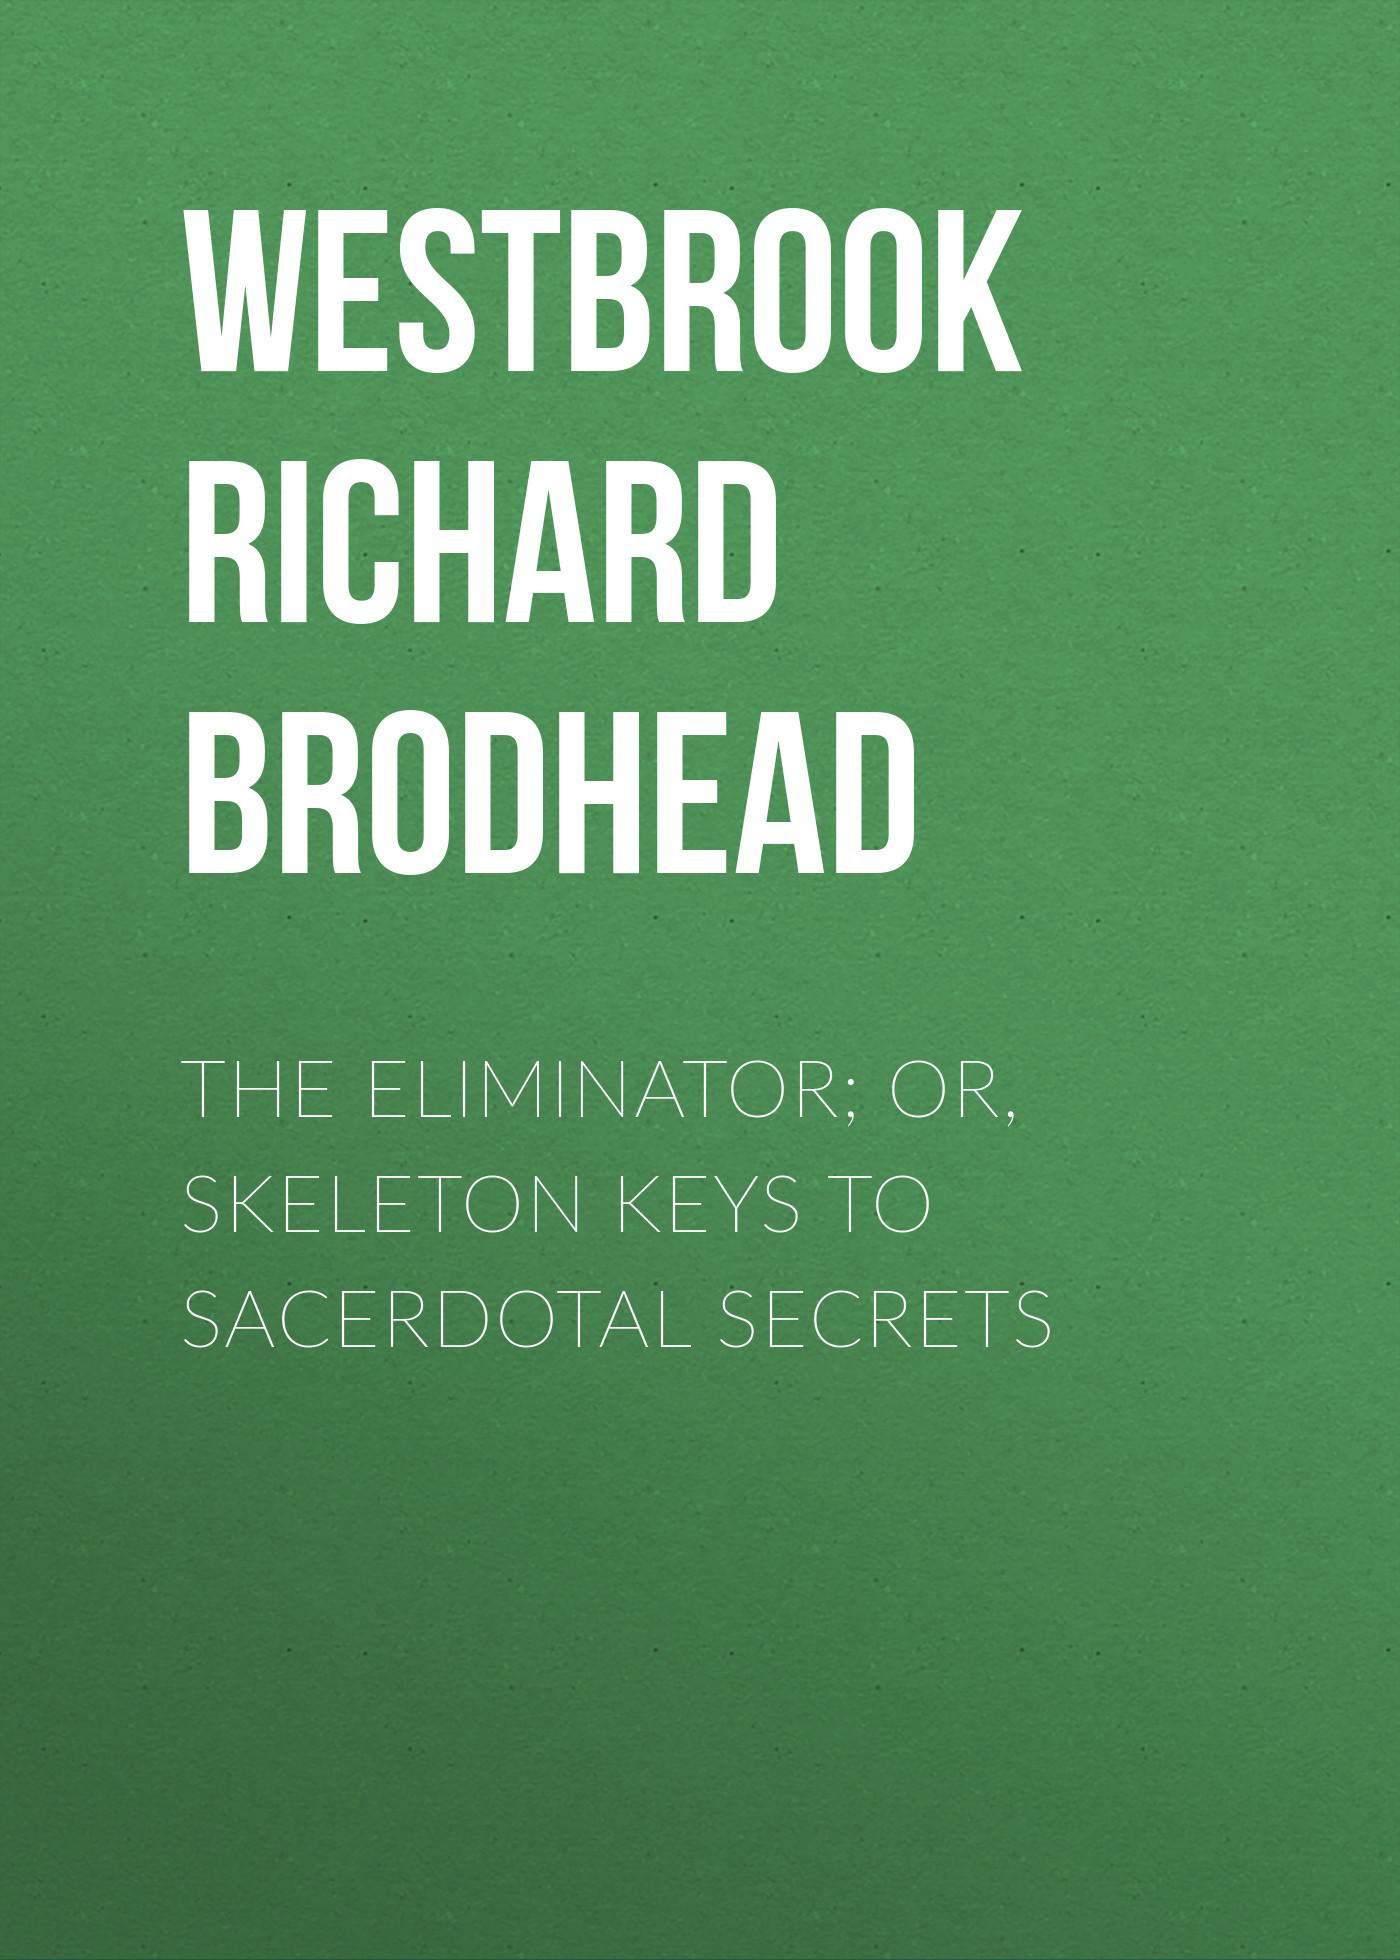 Westbrook Richard Brodhead The Eliminator; or, Skeleton Keys to Sacerdotal Secrets franklins way to wealth or poor richard improved